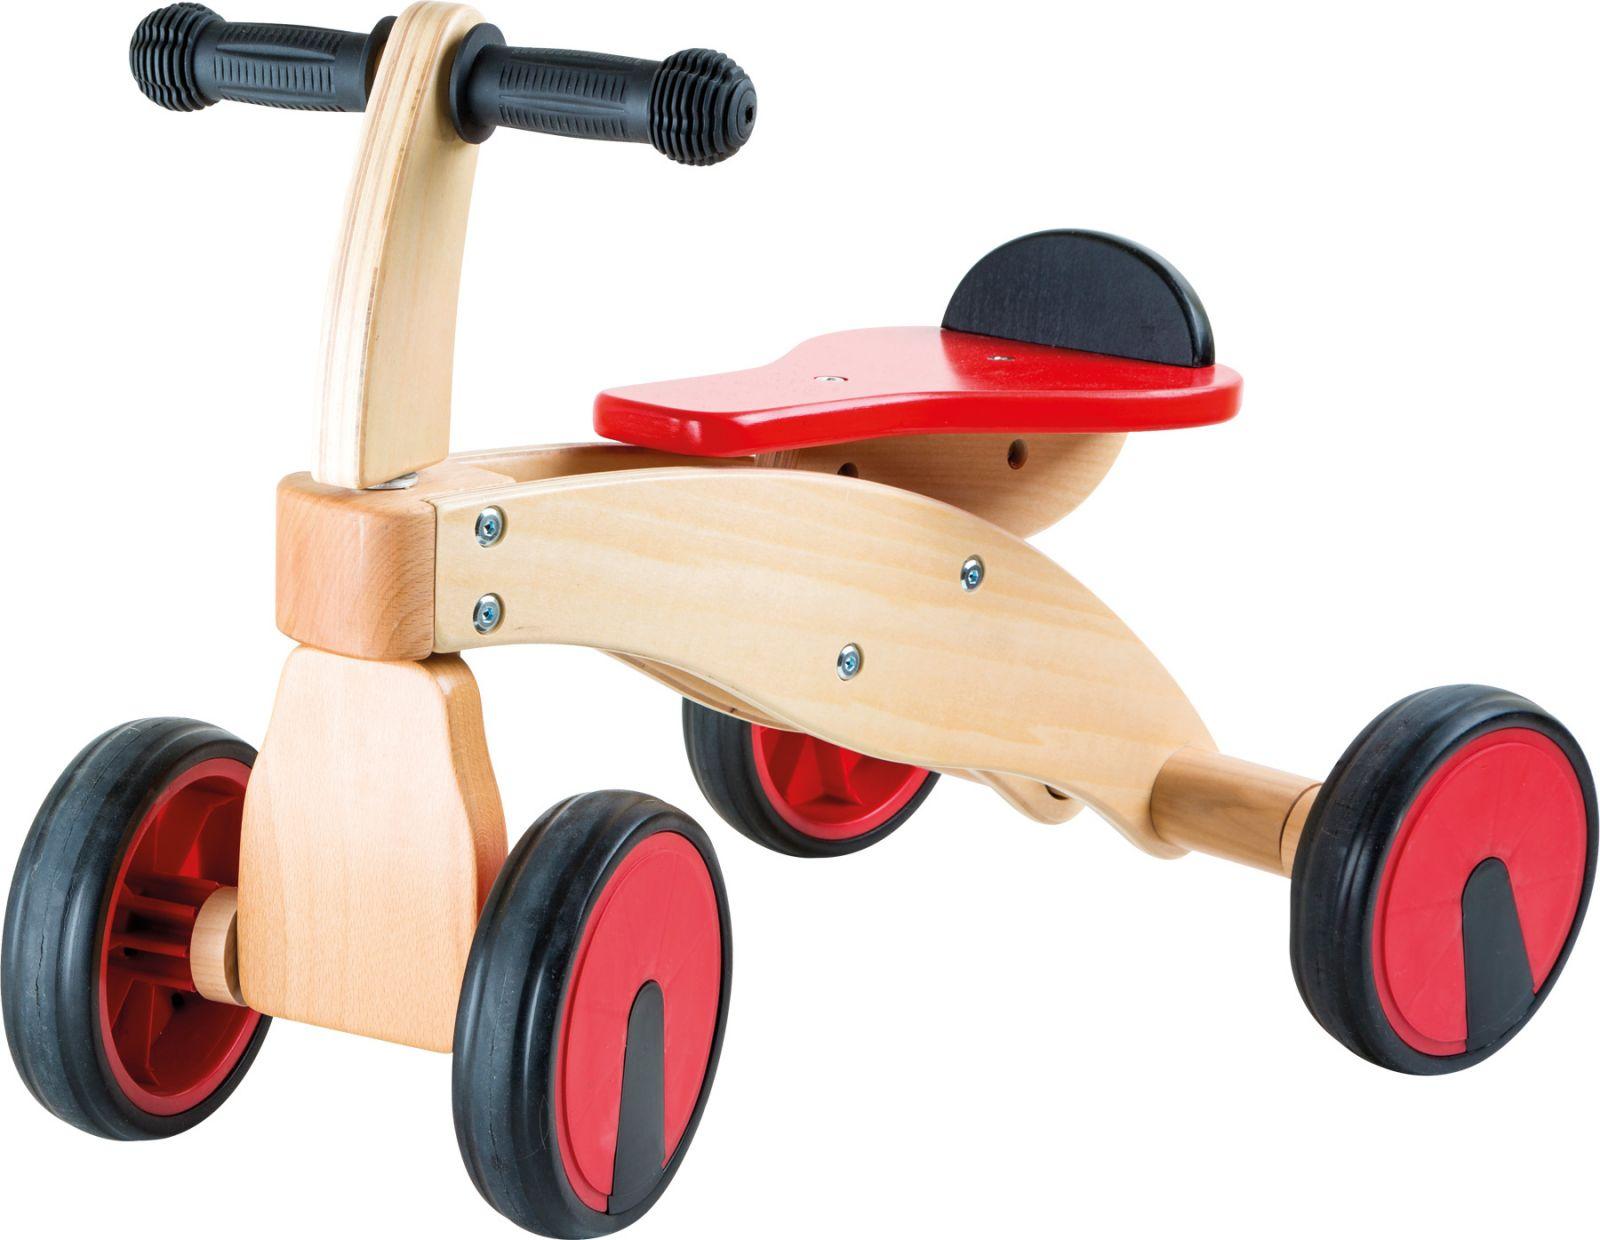 Dřevěné hračky Small Foot Dřevěné odrážedlo červený závodník Small foot by Legler